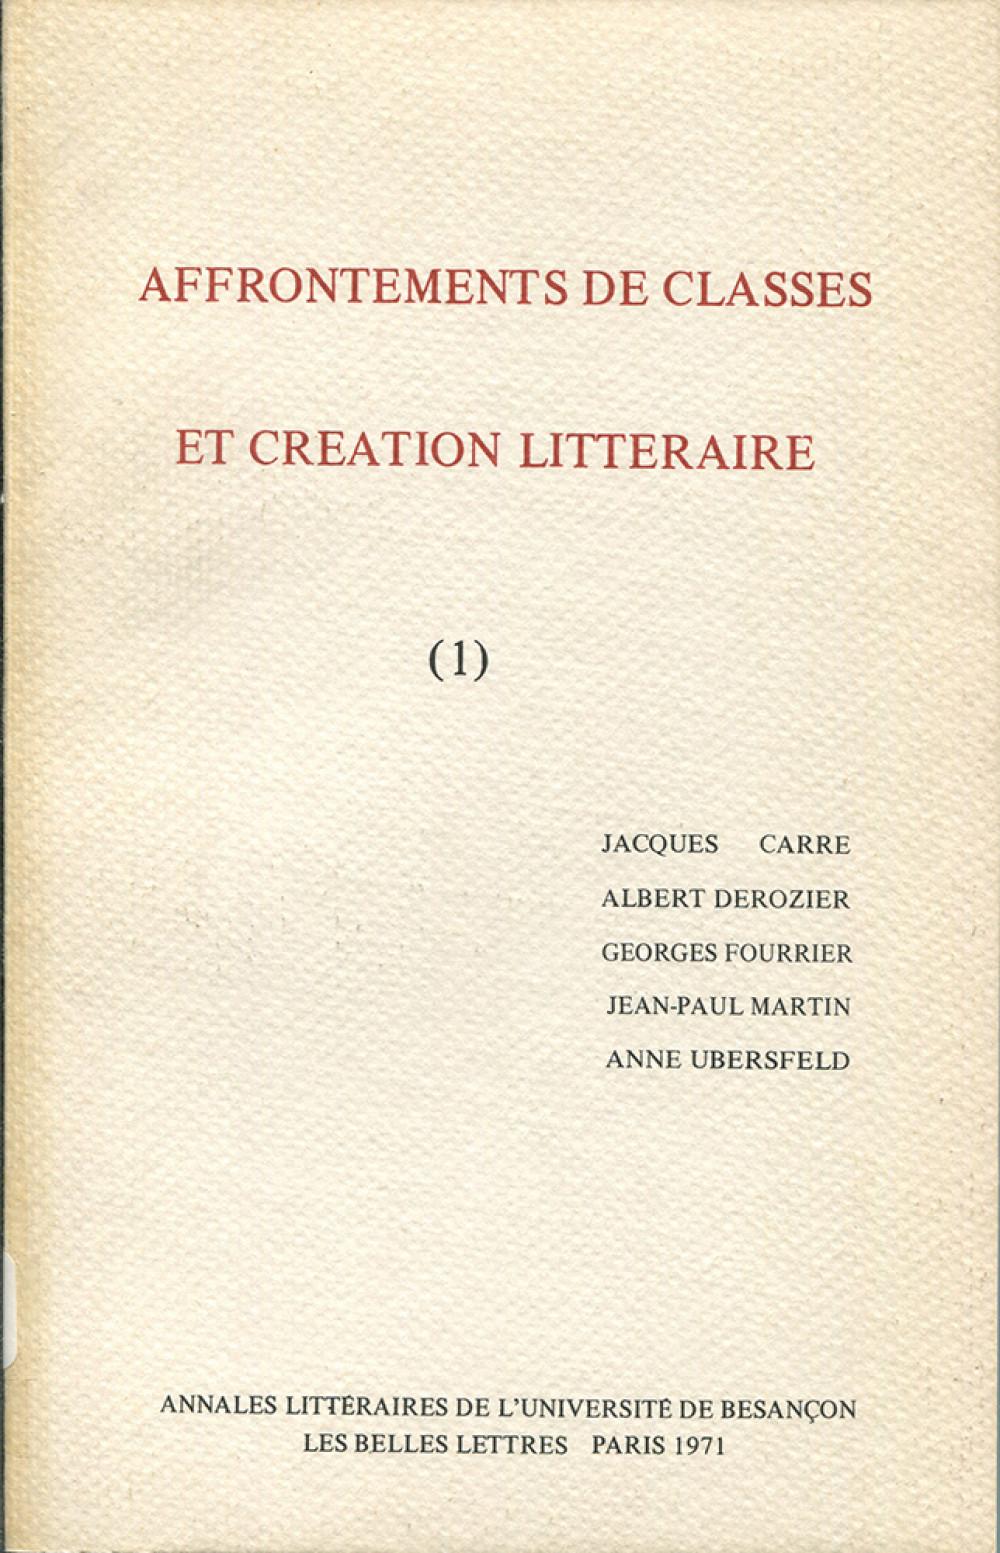 Affrontements de classes et création littéraire I